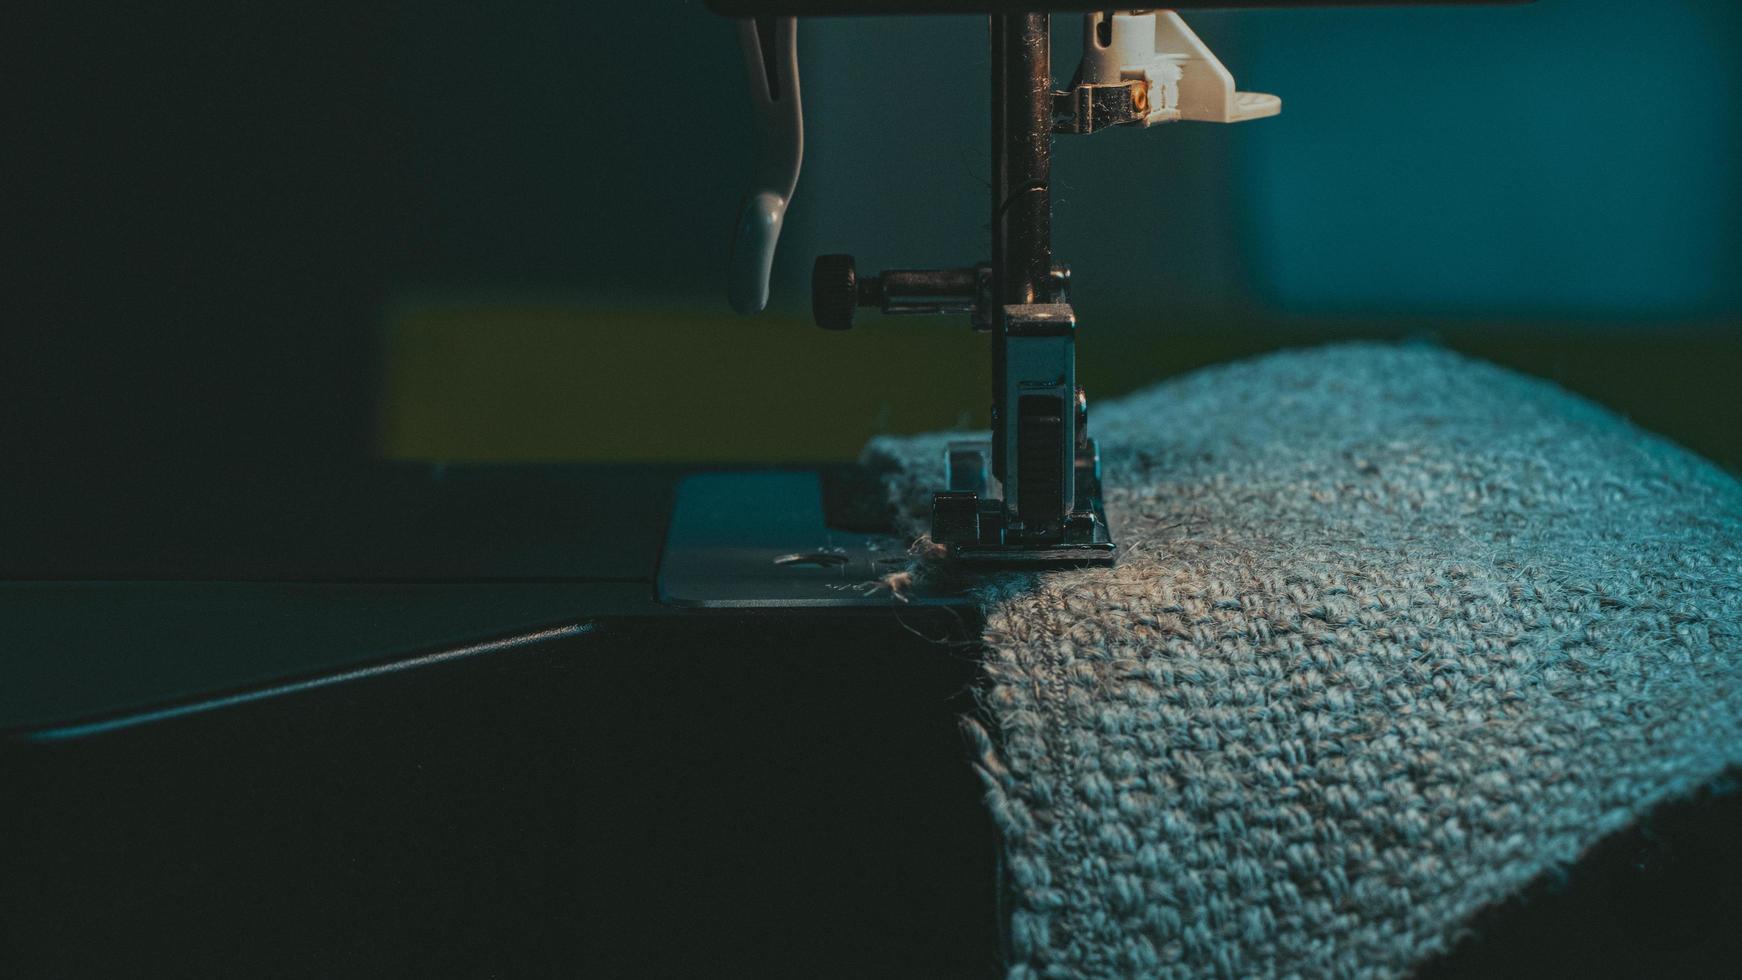 une machine à coudre coud un tissu de jute photo